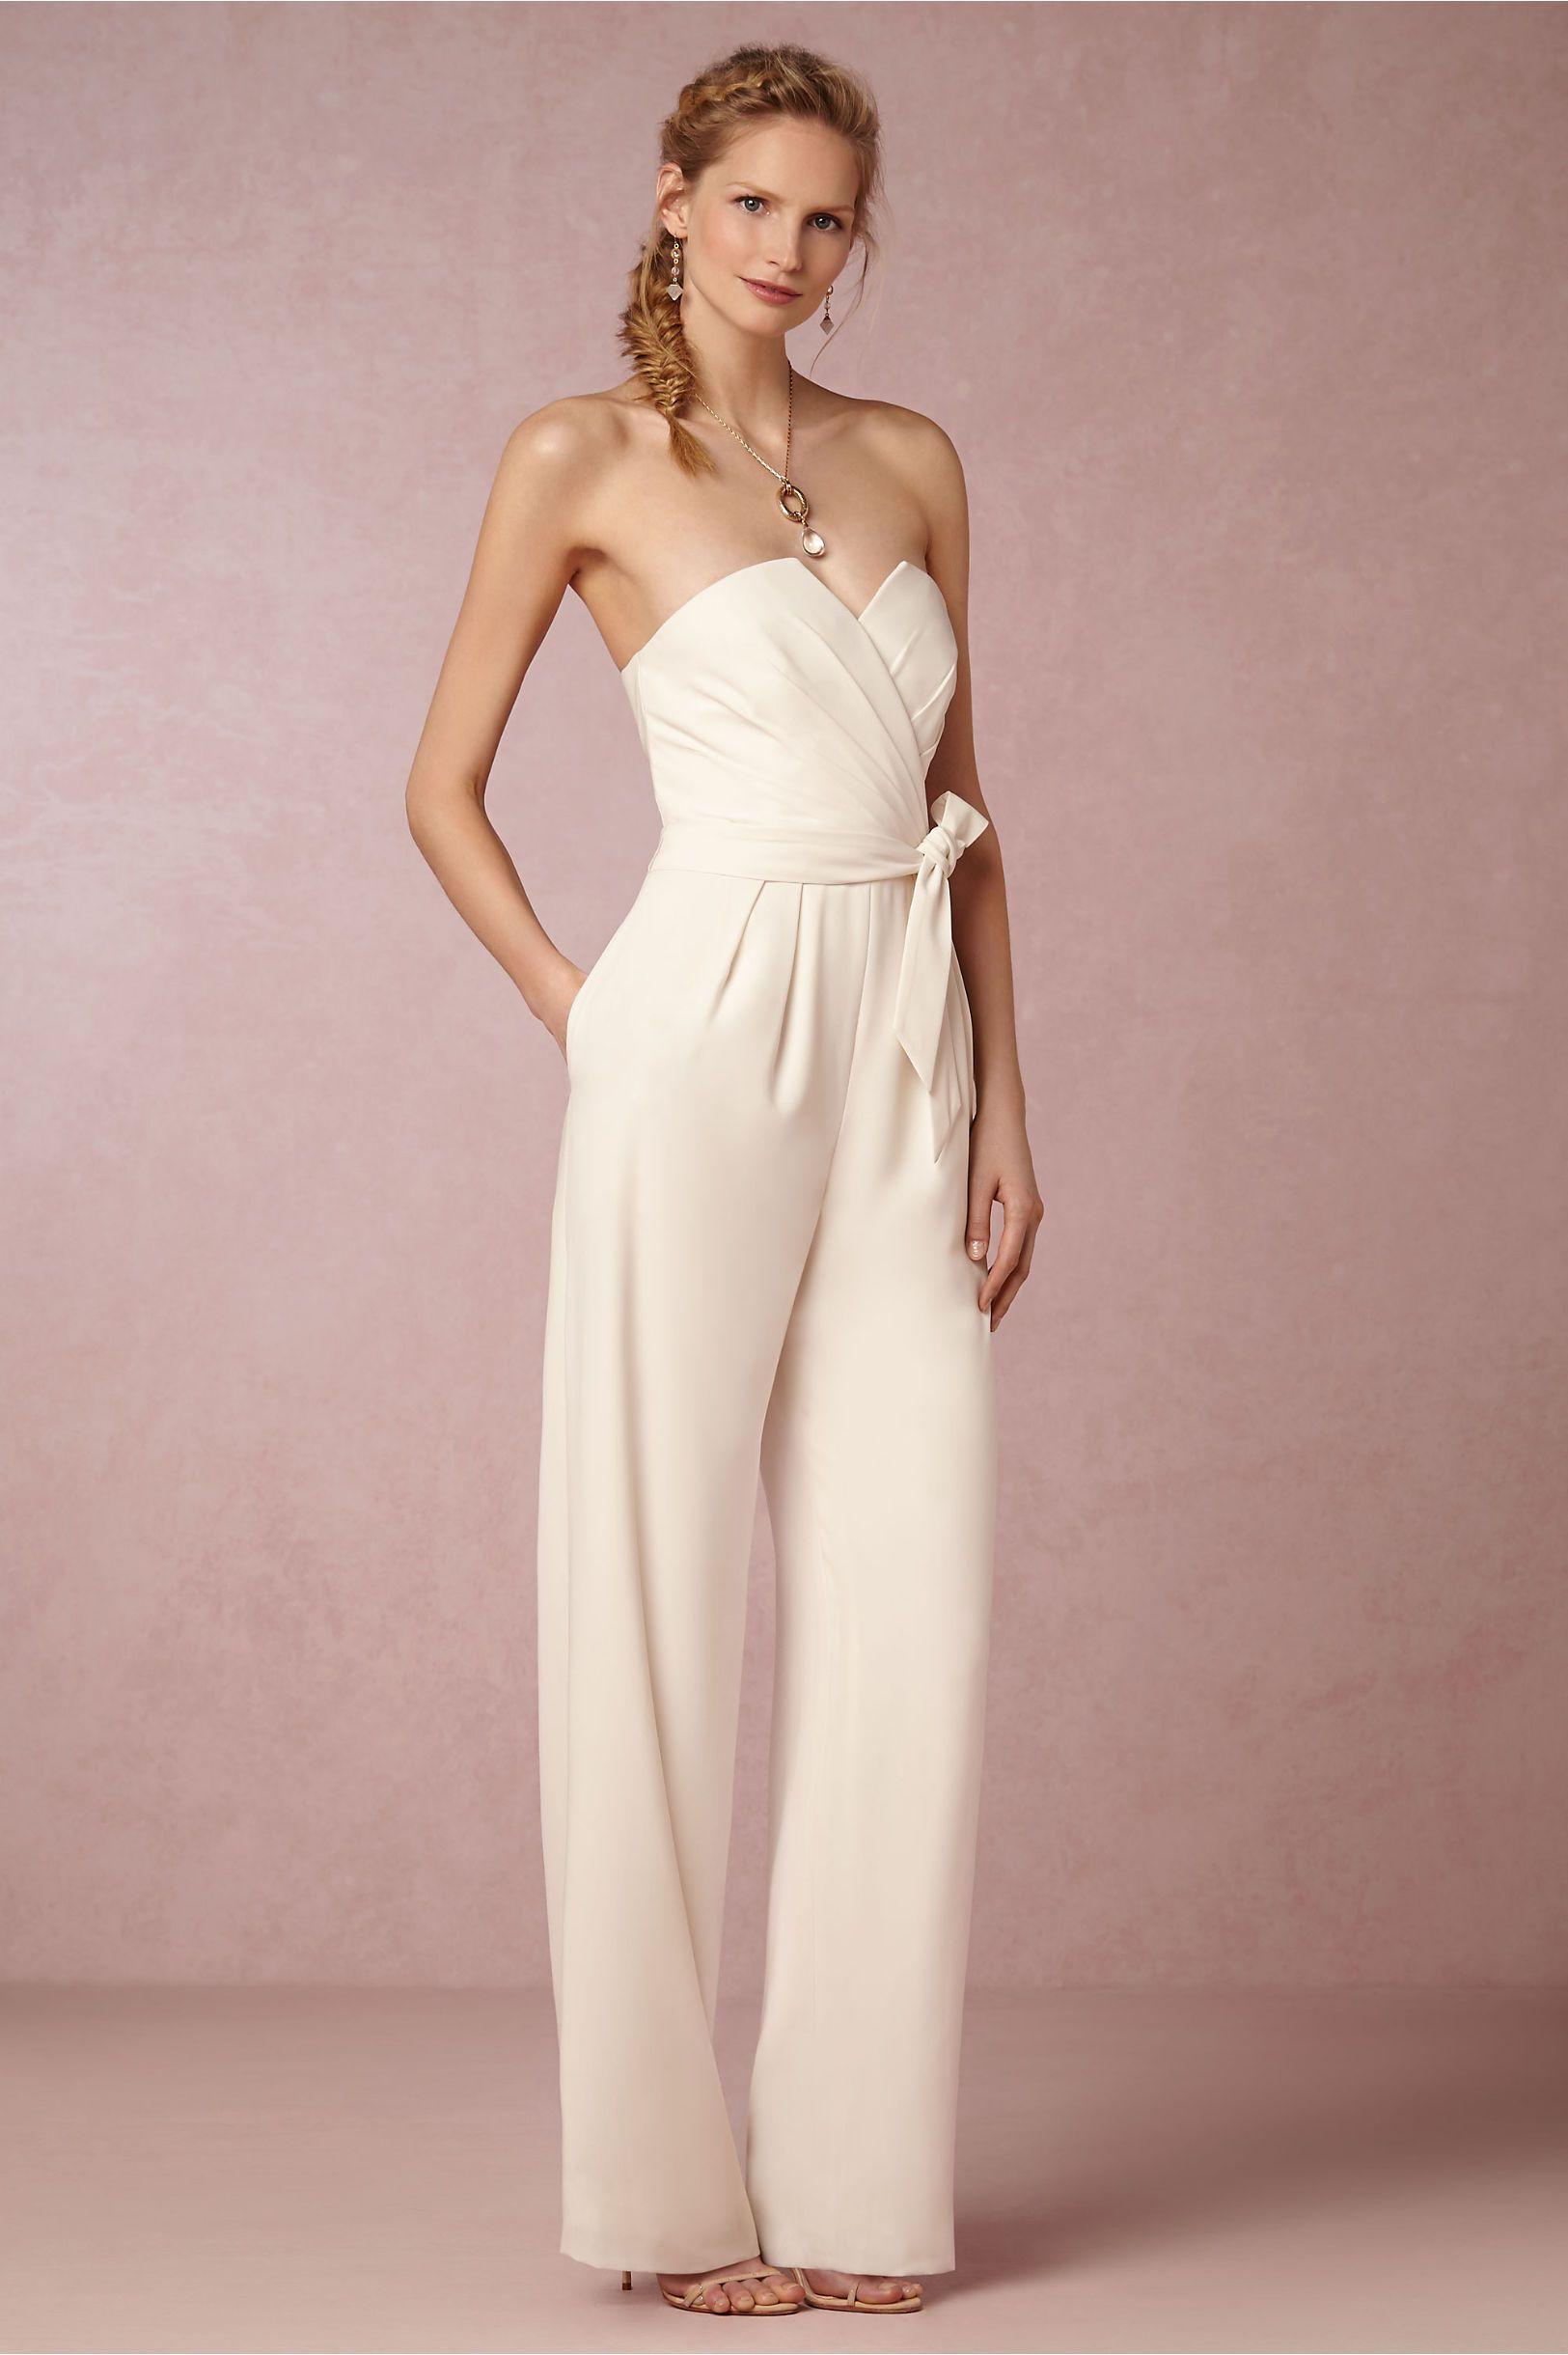 buy online 01fab 18dee rossi - vestiti da sposa con pantaloni in raso, corpetto ...